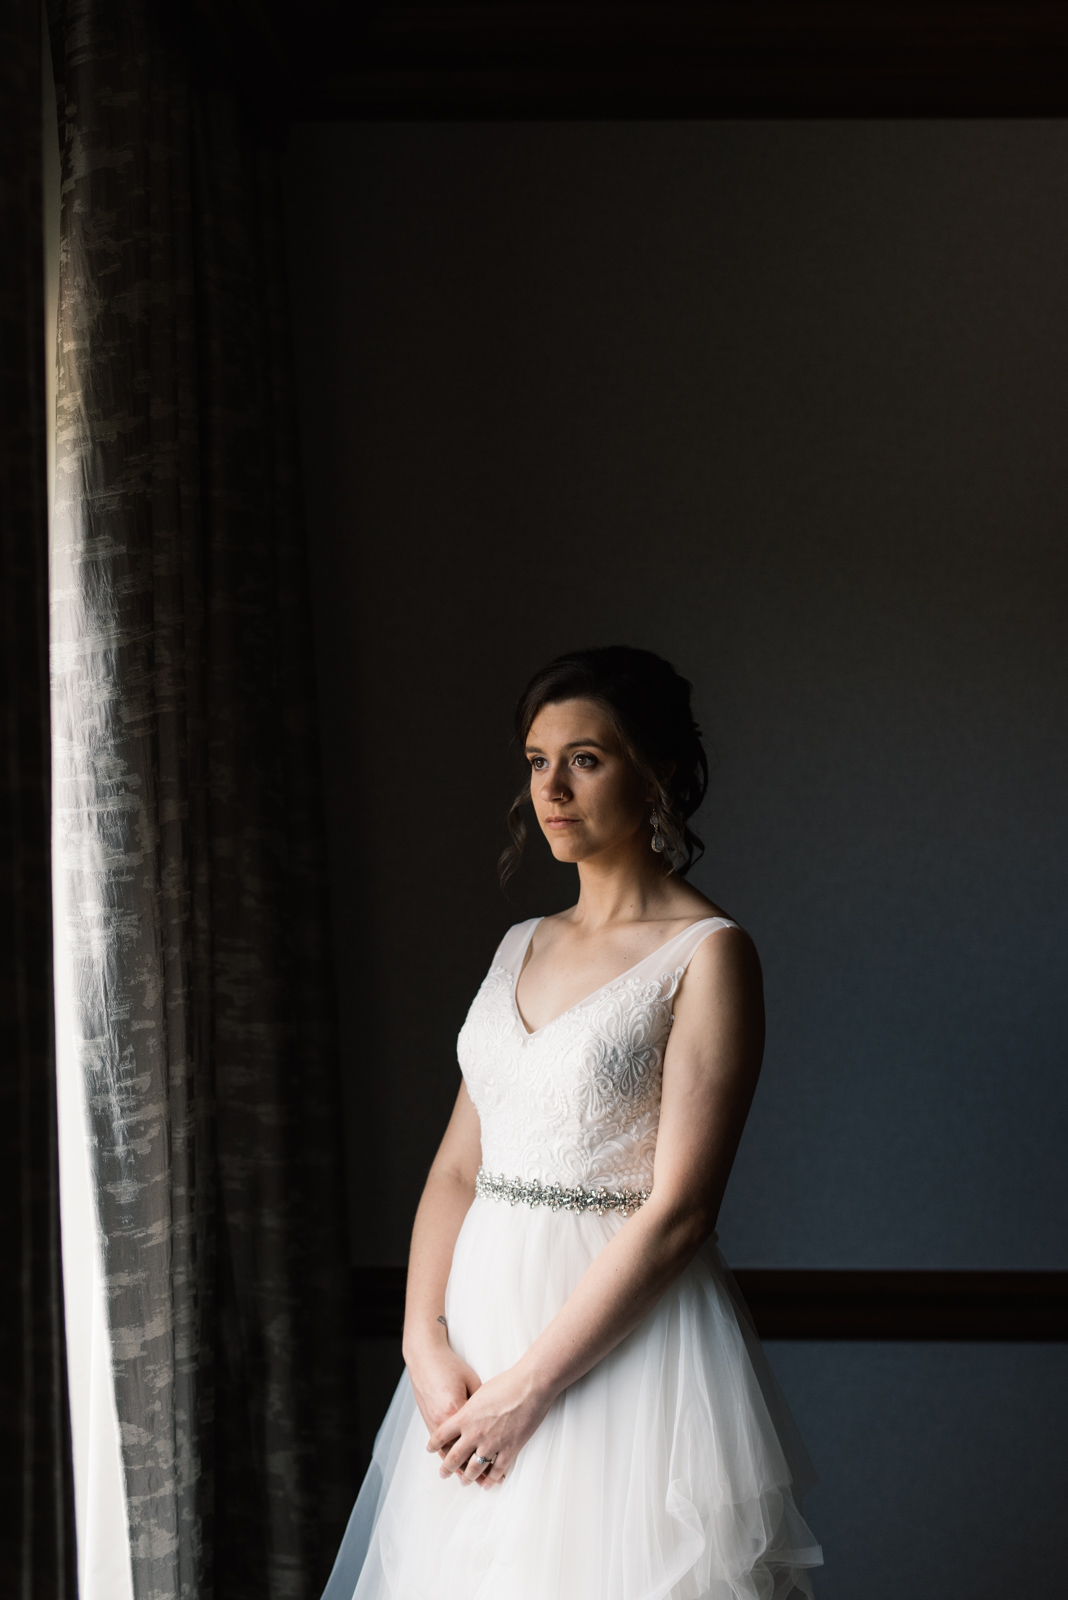 bride in window Coralville Iowa August Wedding